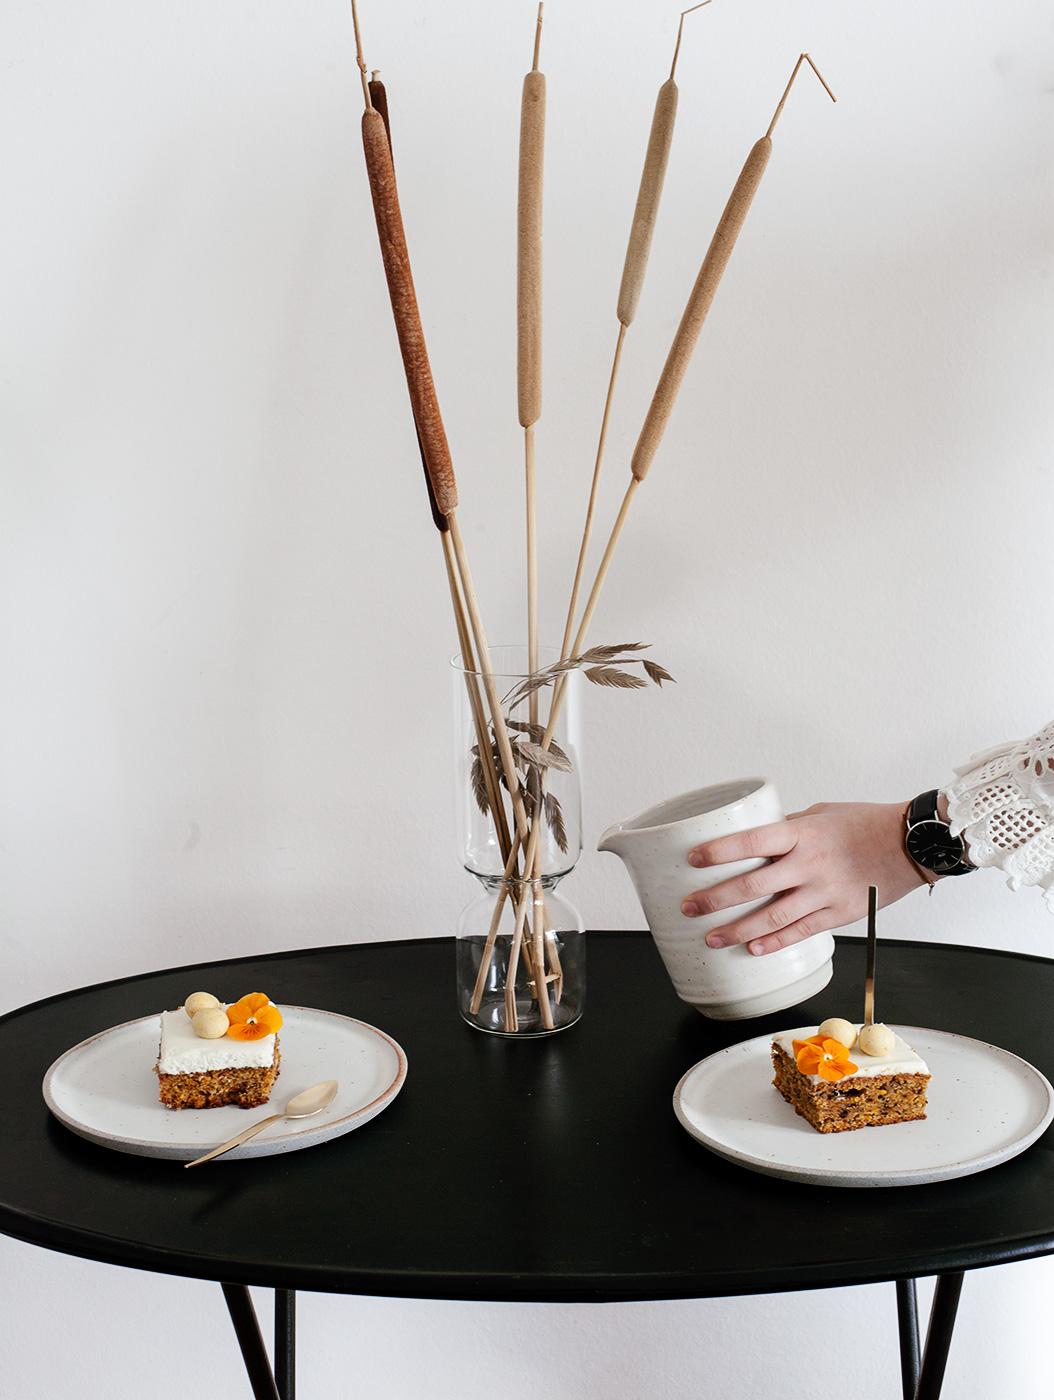 Möhren-Kuchen-mit-Ingwer-und-SauerrahmIMG_4547